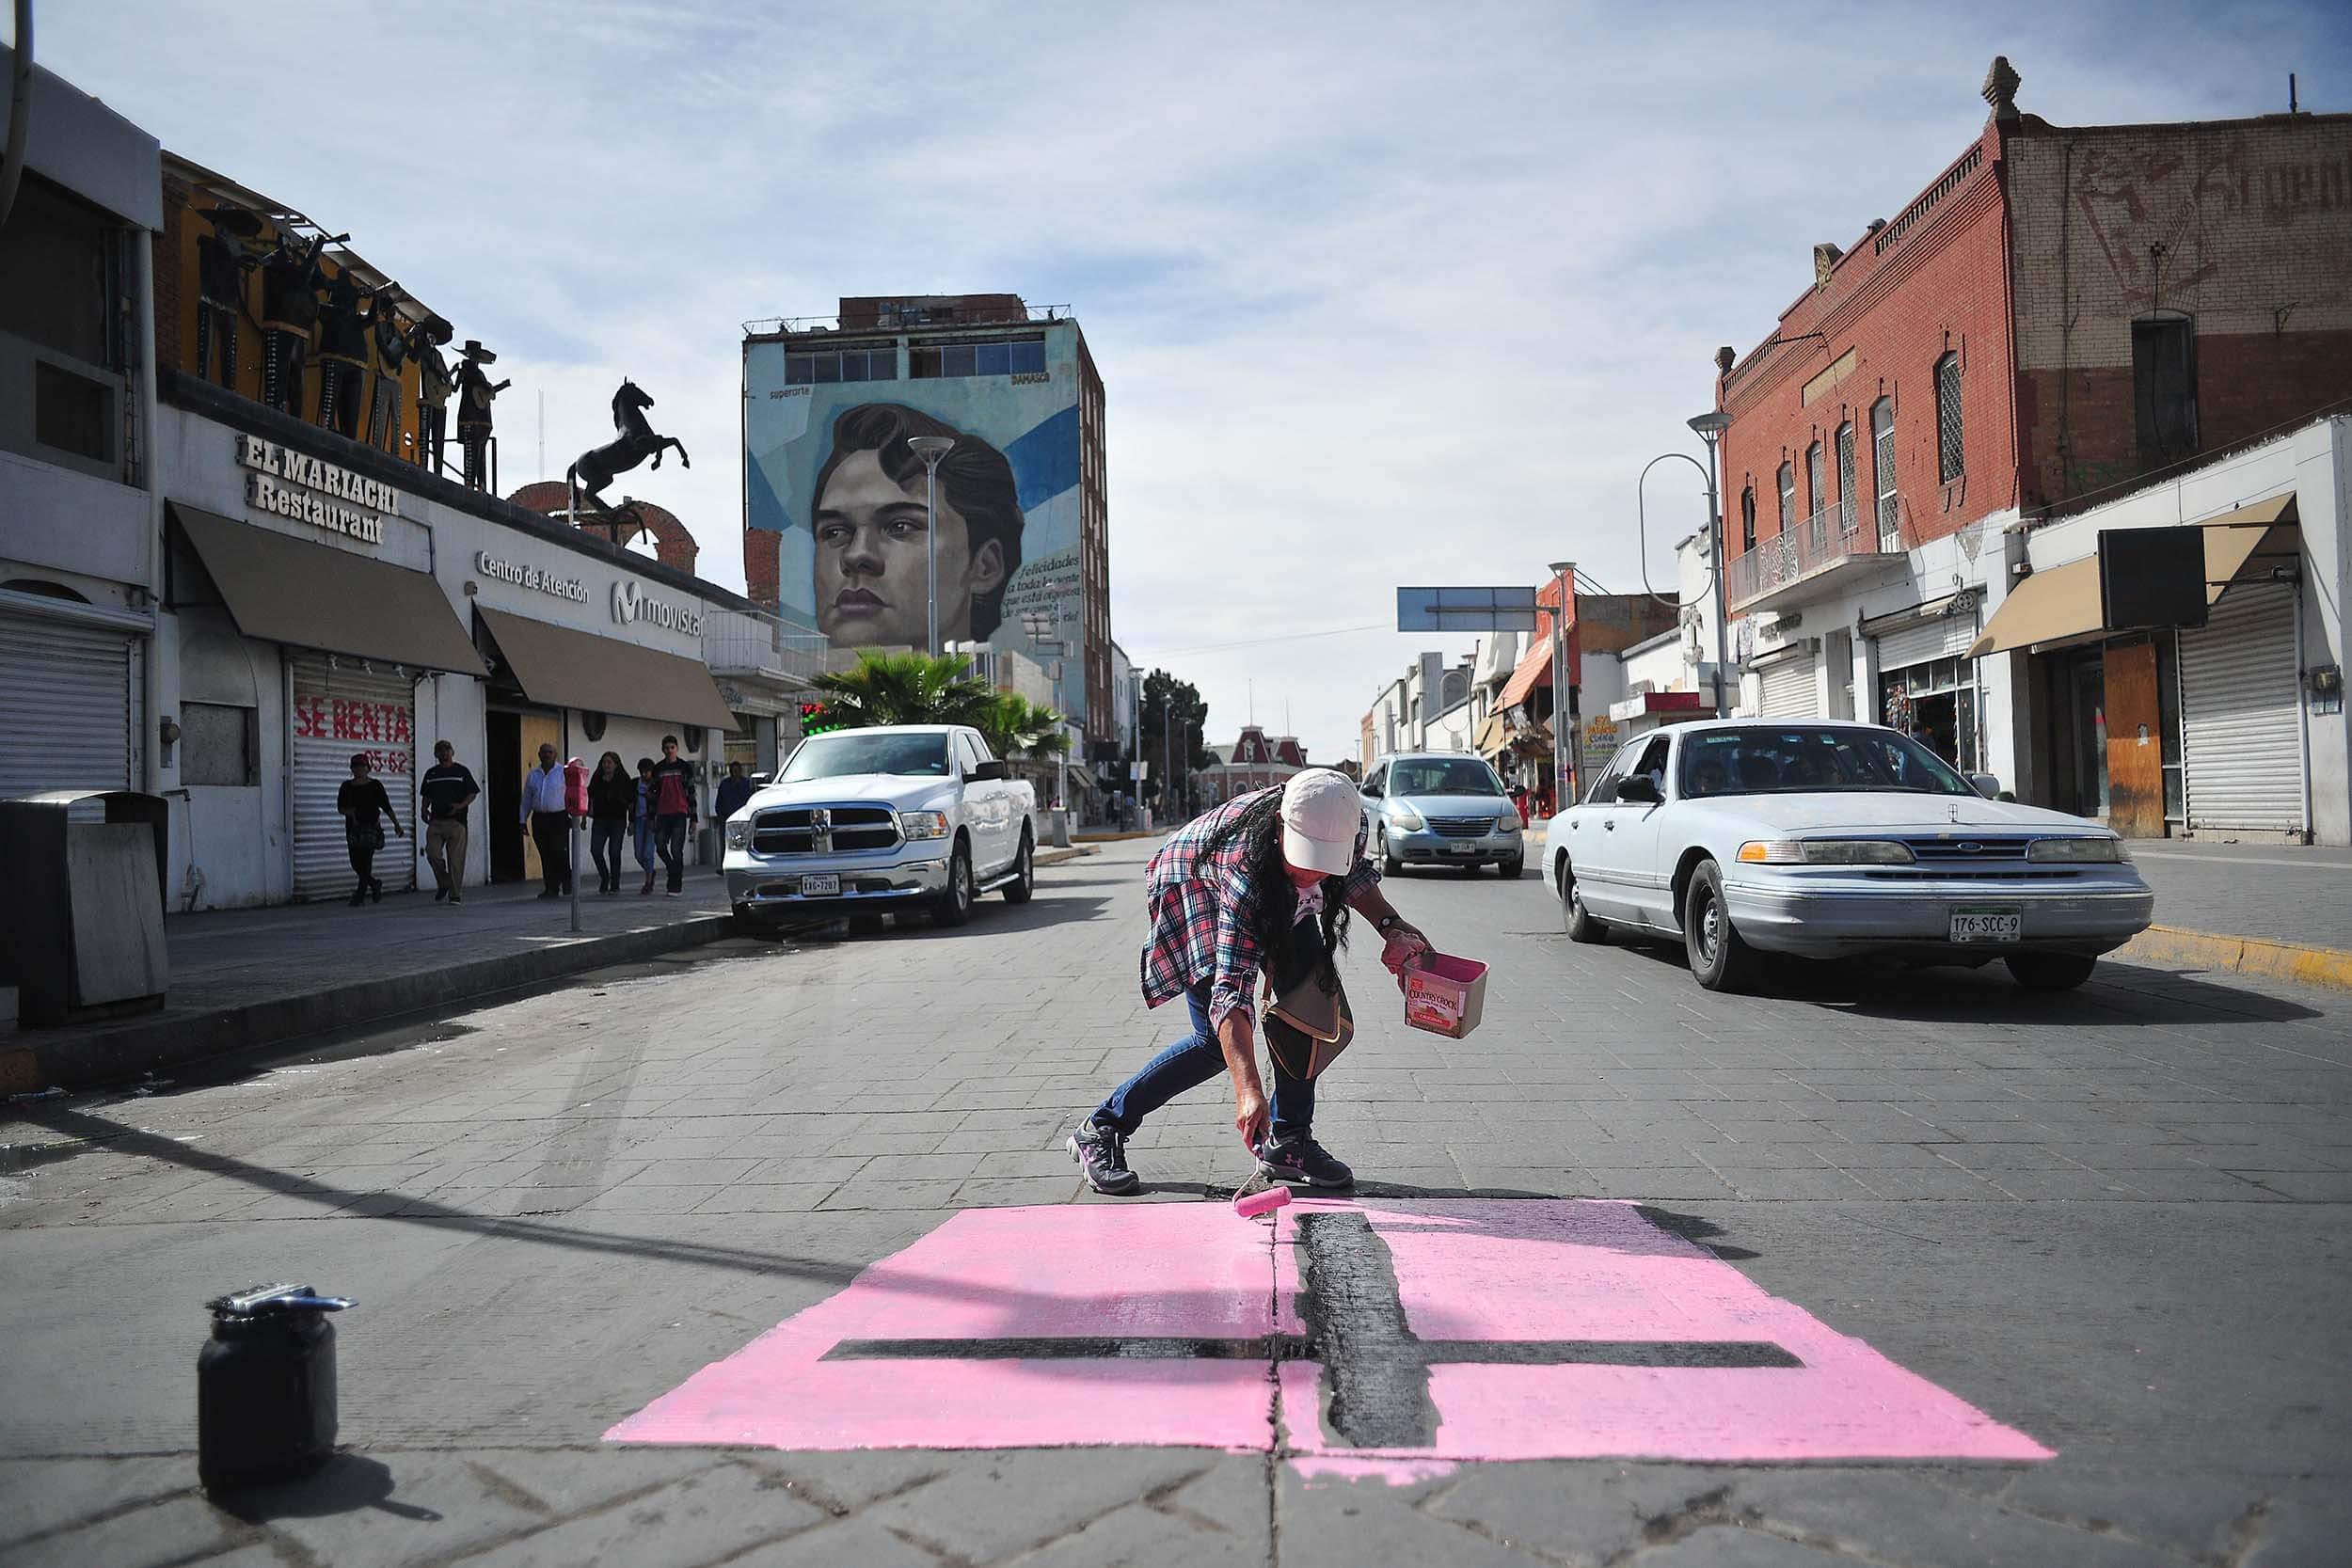 Una cruz negra sobre un cuadro rosa es pintada sobre la avenida Juárez, corredor turístico que une a Ciudad Juárez con El Paso, Tejas. En la zona dominan los bares, ahí operó por años el Noa Noa, un centro nocturno que inmortalizó el cantante Juan Gabriel. Foto: Rey R. Jáuregui